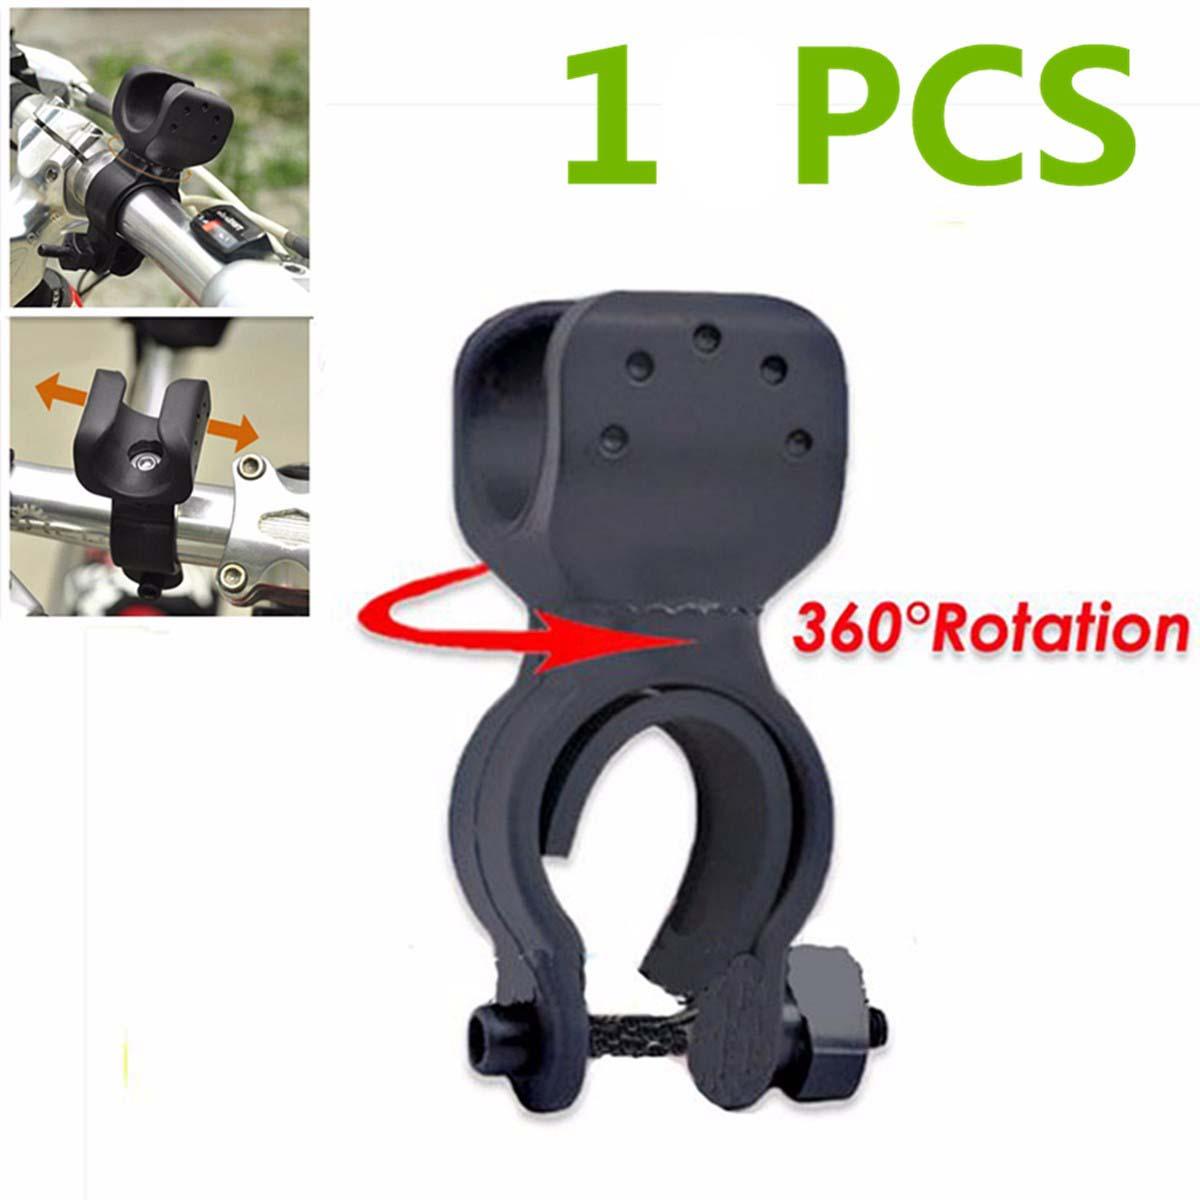 20,5 см черный светодиодный фонарь для велосипеда с держателем на ручке с клейким ремешком